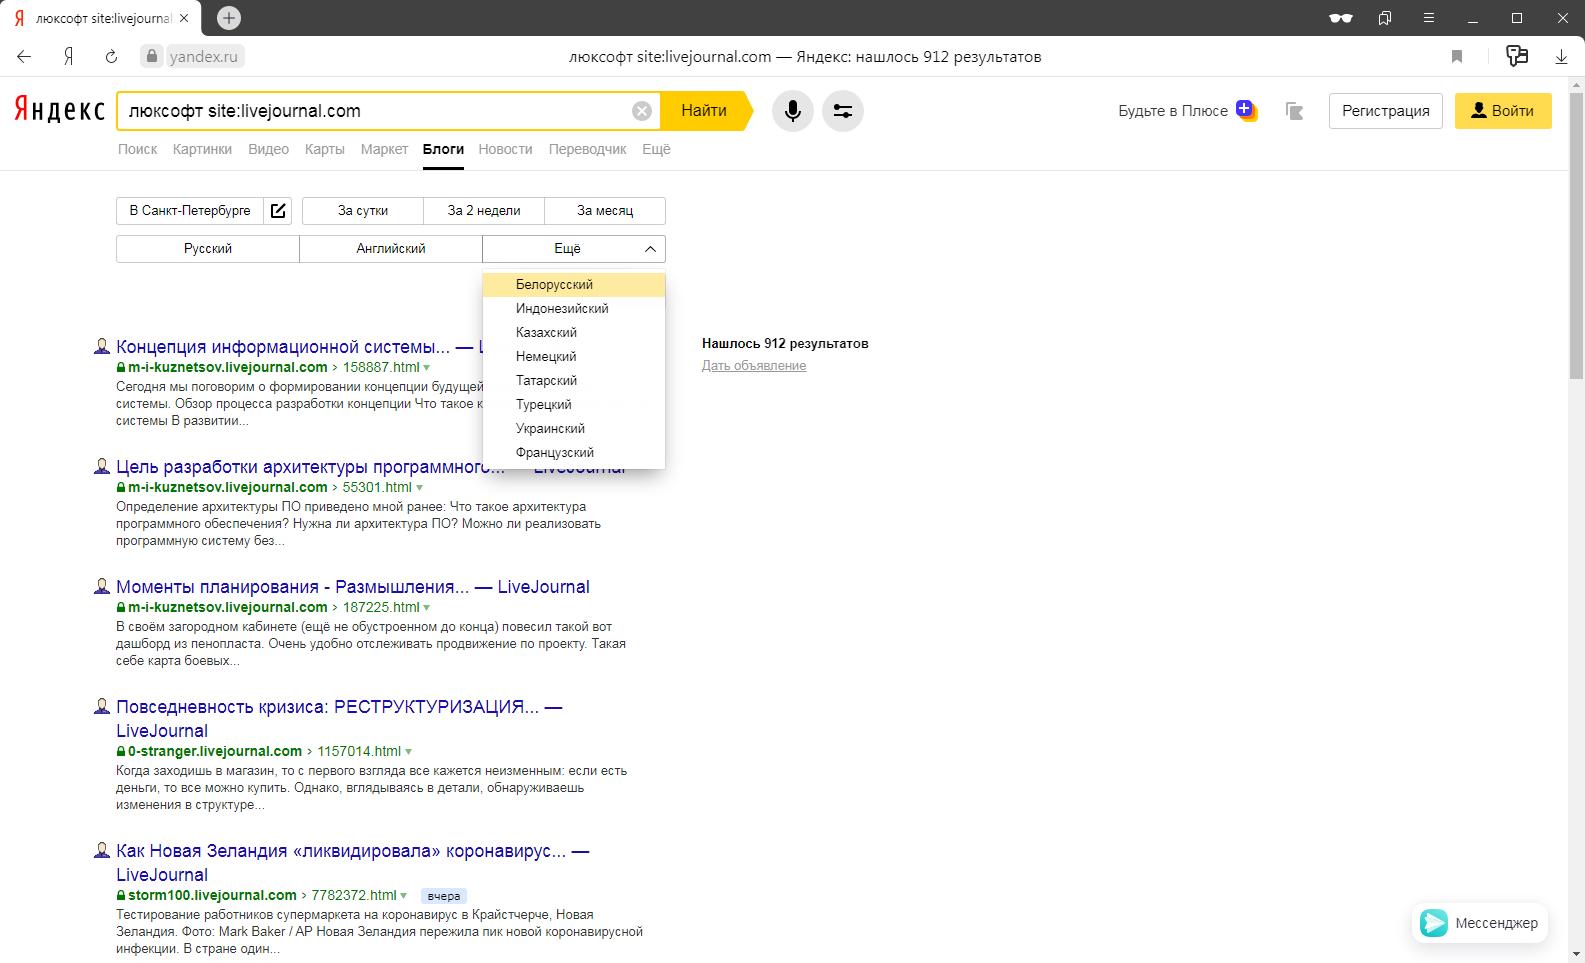 Выбор площадок и языка публикаций в поисковом облачном медиа-сервисе Yandex.Blogs